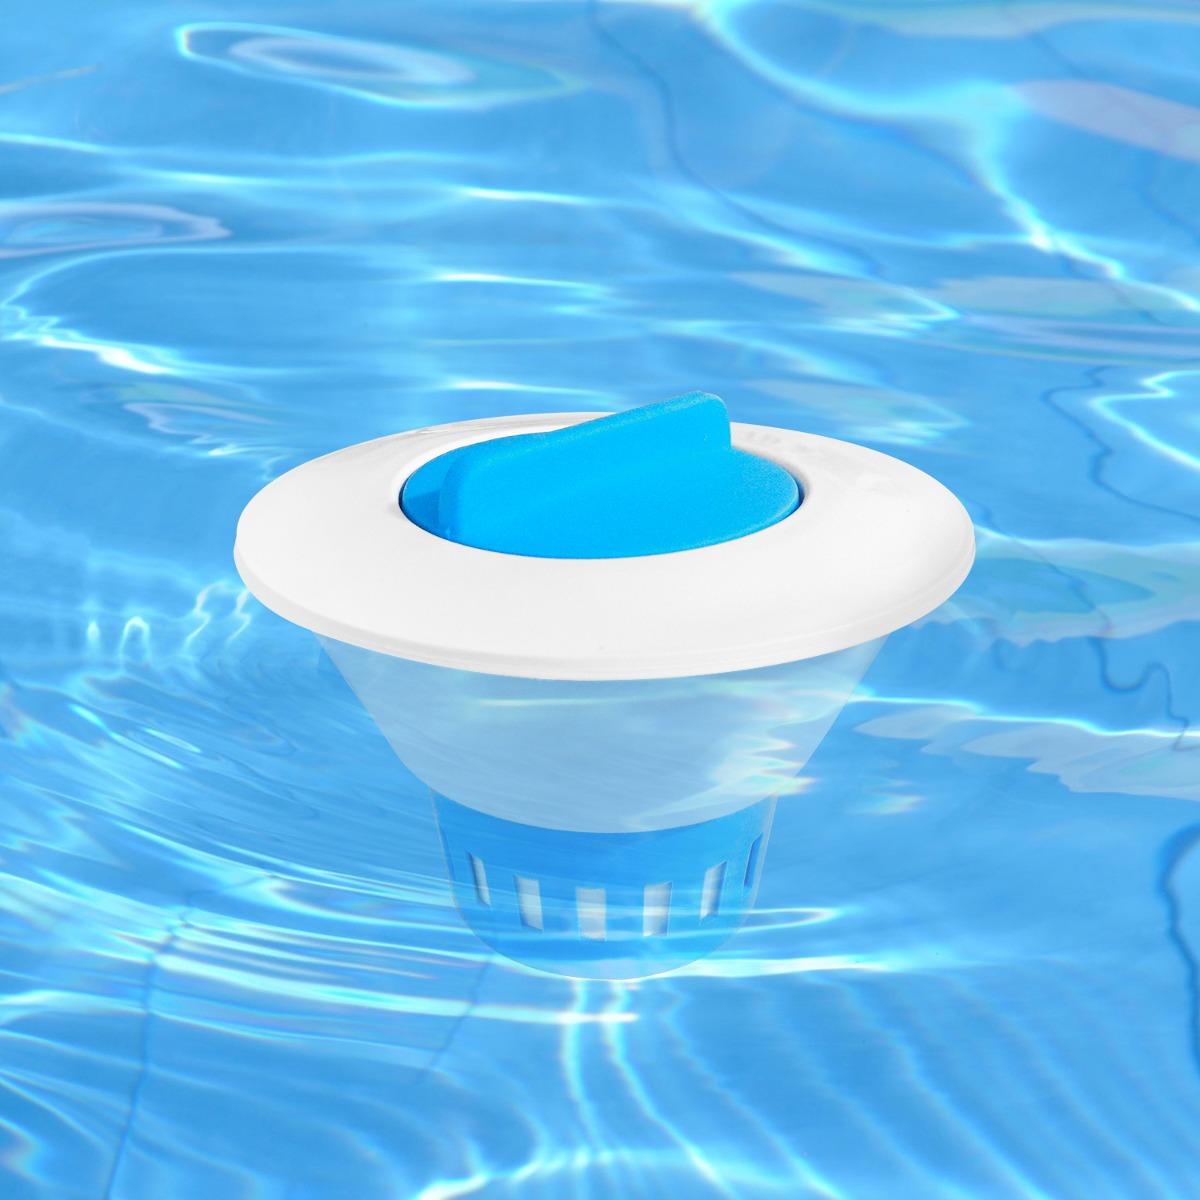 Clorador flutuador tratamento piscinas pastilha cloro for Cloro piscina